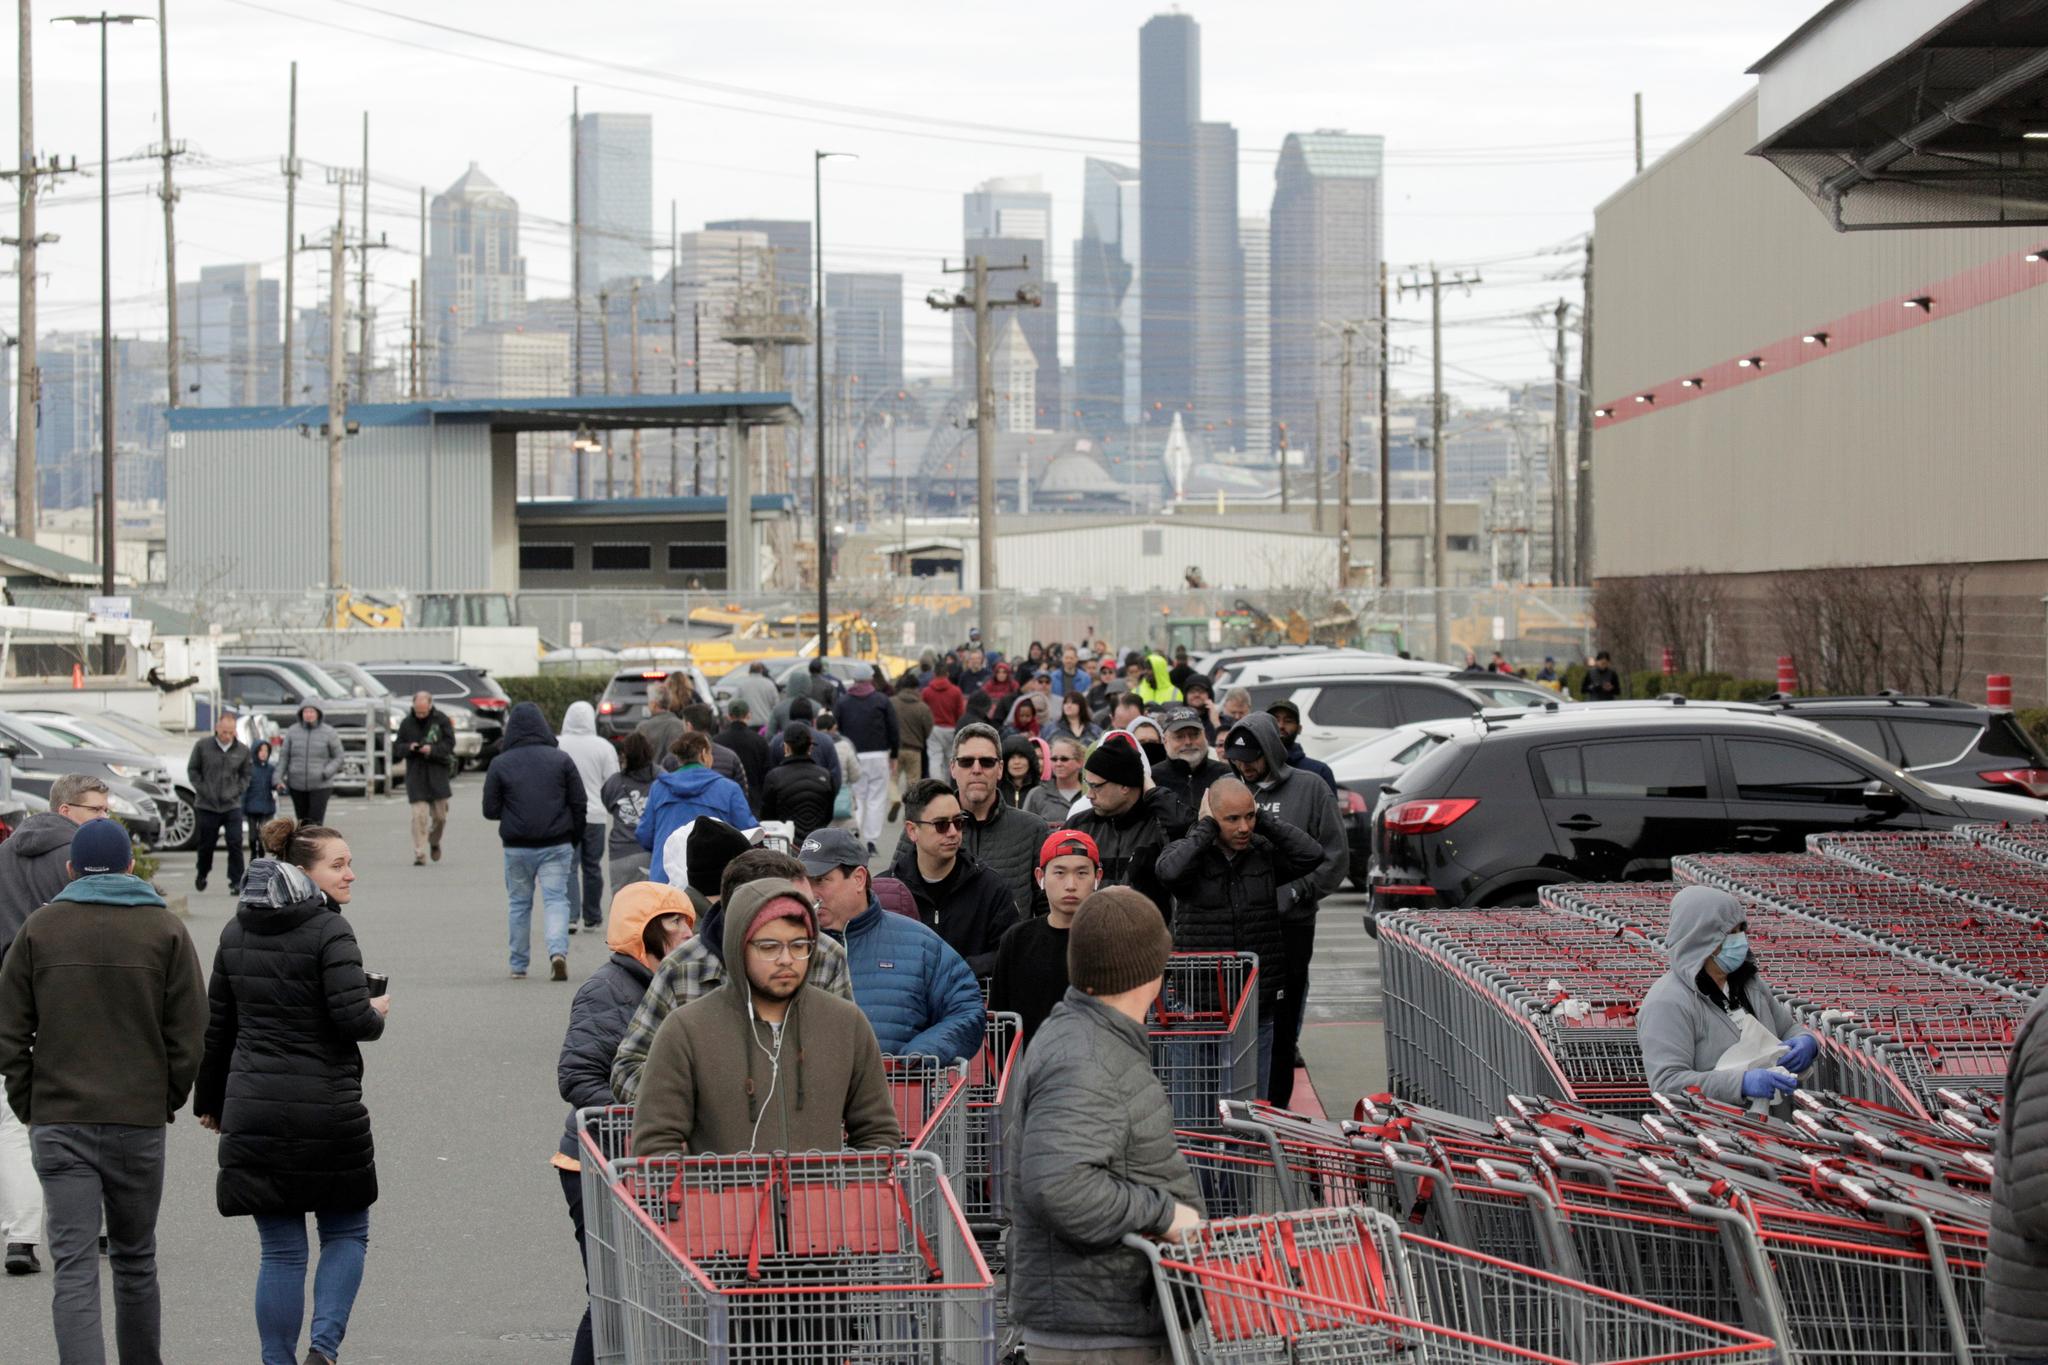 14일(현지시간) 미국 워싱턴 주 시애틀의 코스트코 매장에 시민들이 생필품을 사기 위해 줄을 서고 있다. 로이터=연합뉴스